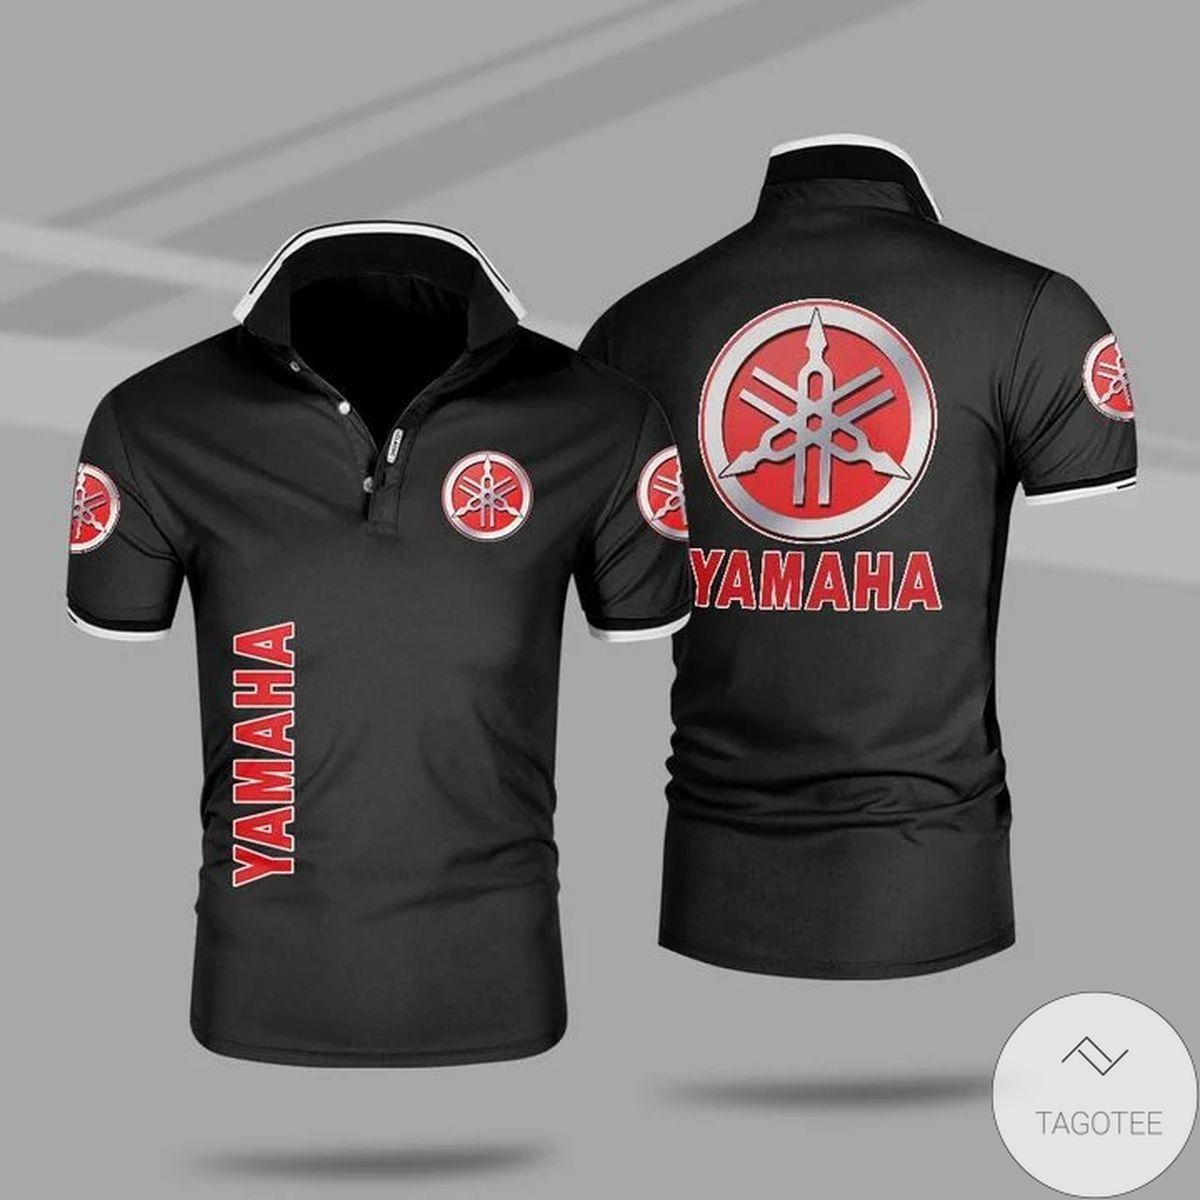 Yamaha Polo Shirt